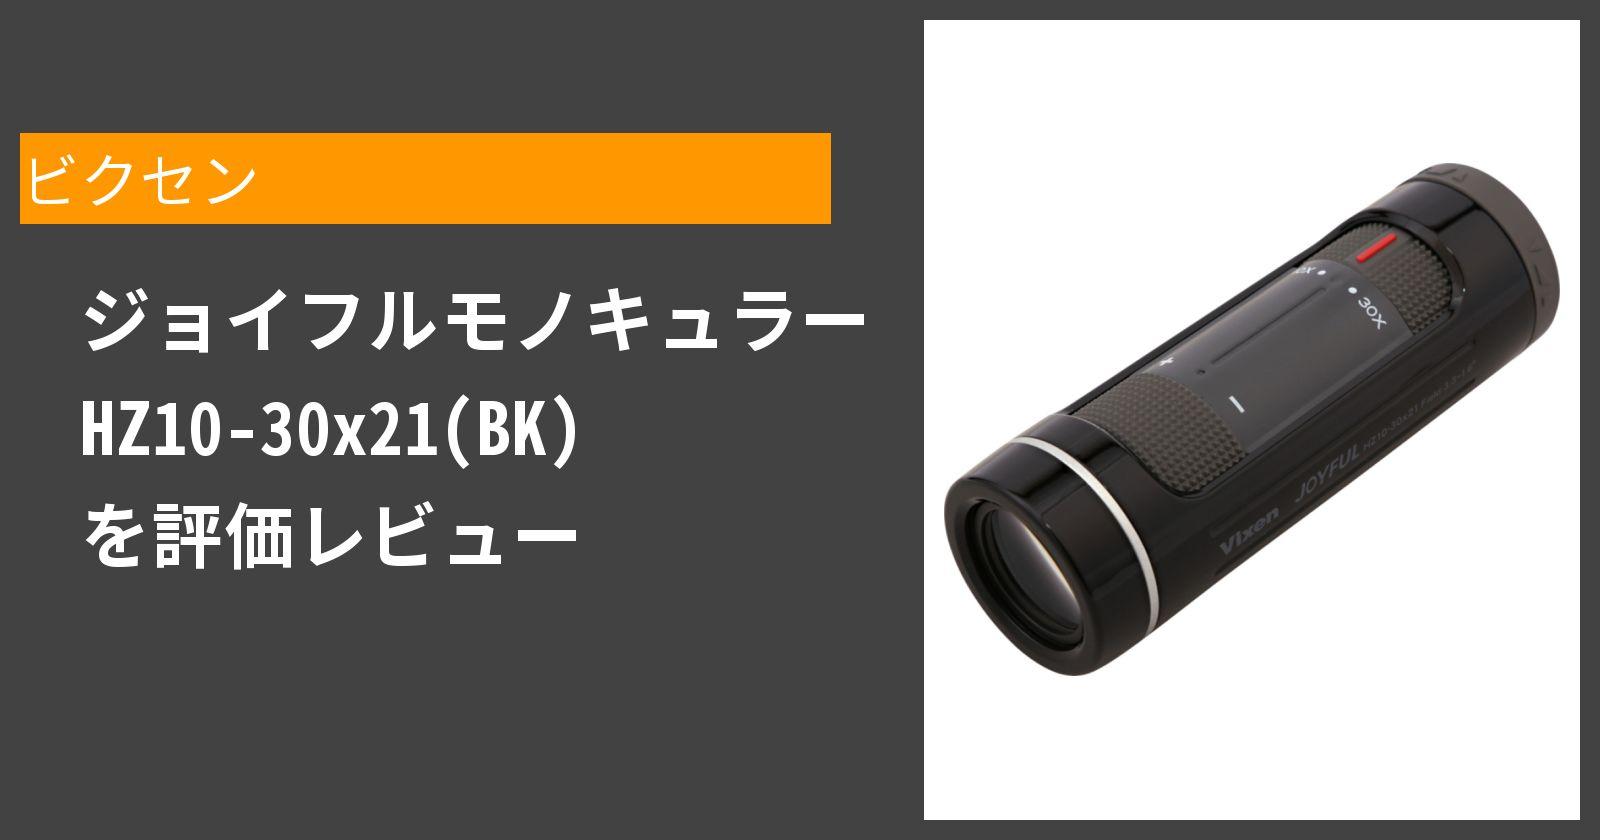 ジョイフルモノキュラー HZ10-30x21(BK)を徹底評価